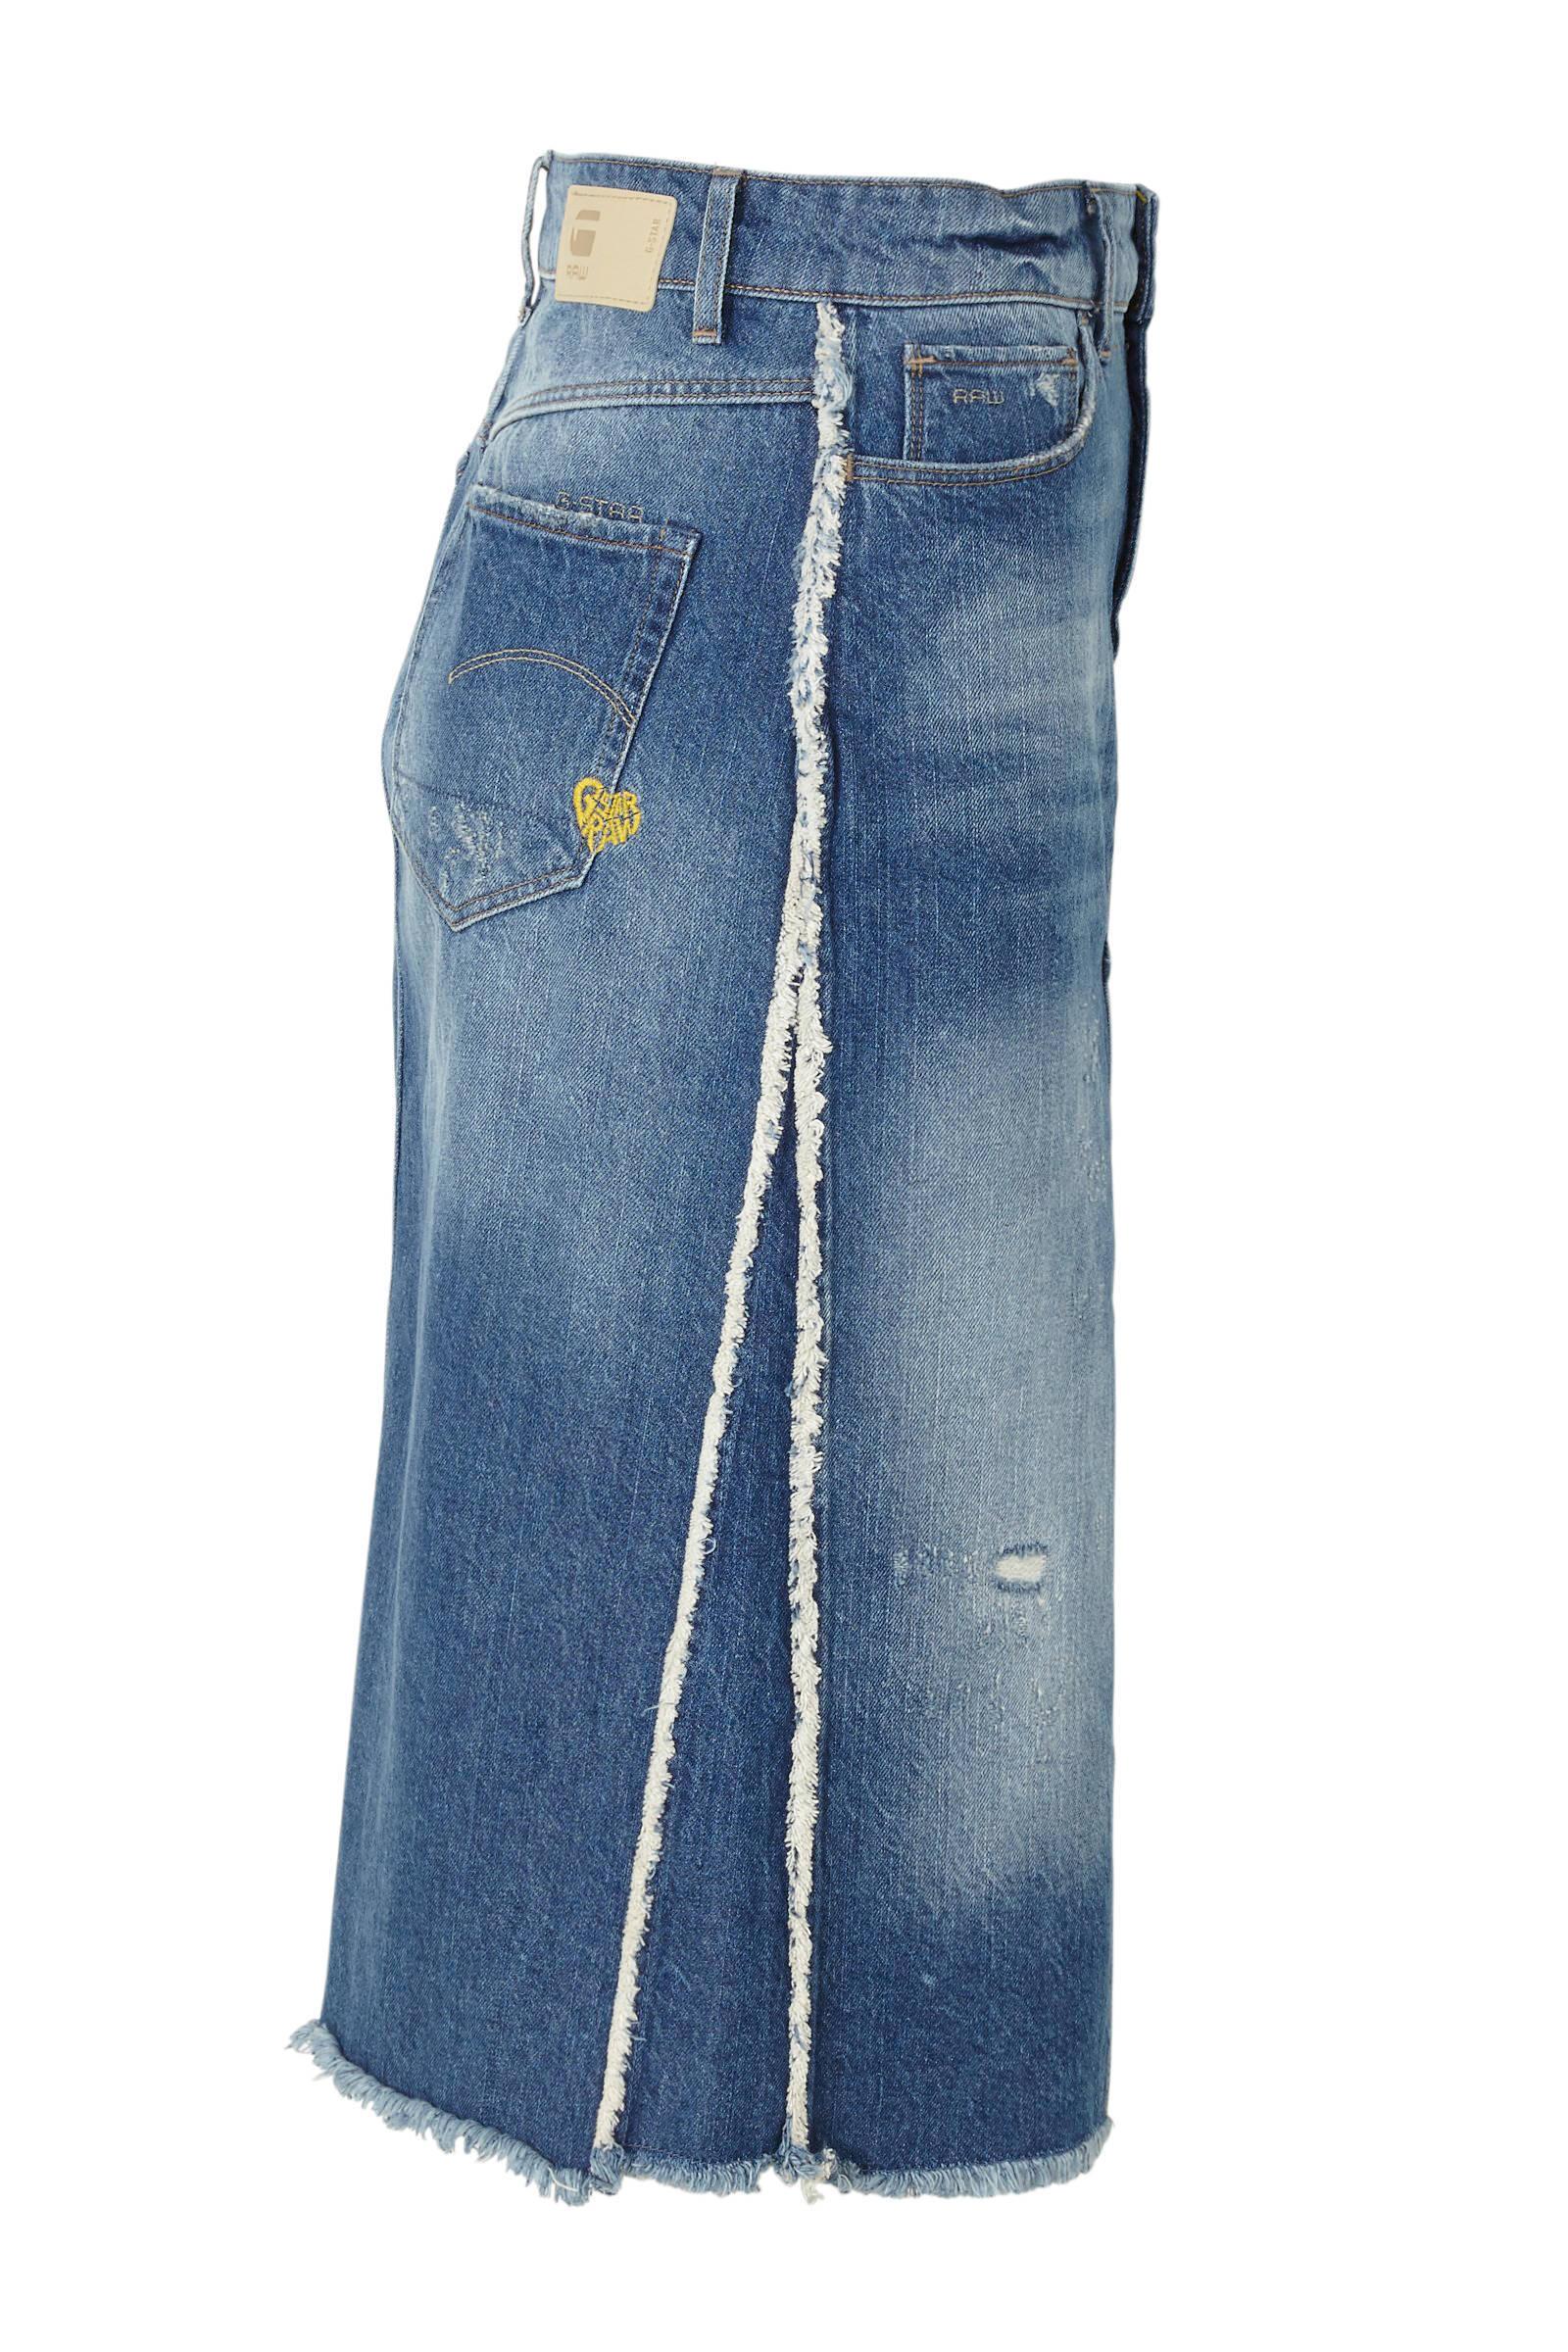 Wonderbaarlijk G-Star RAW spijkerrok met slijtagedetails   wehkamp RW-05